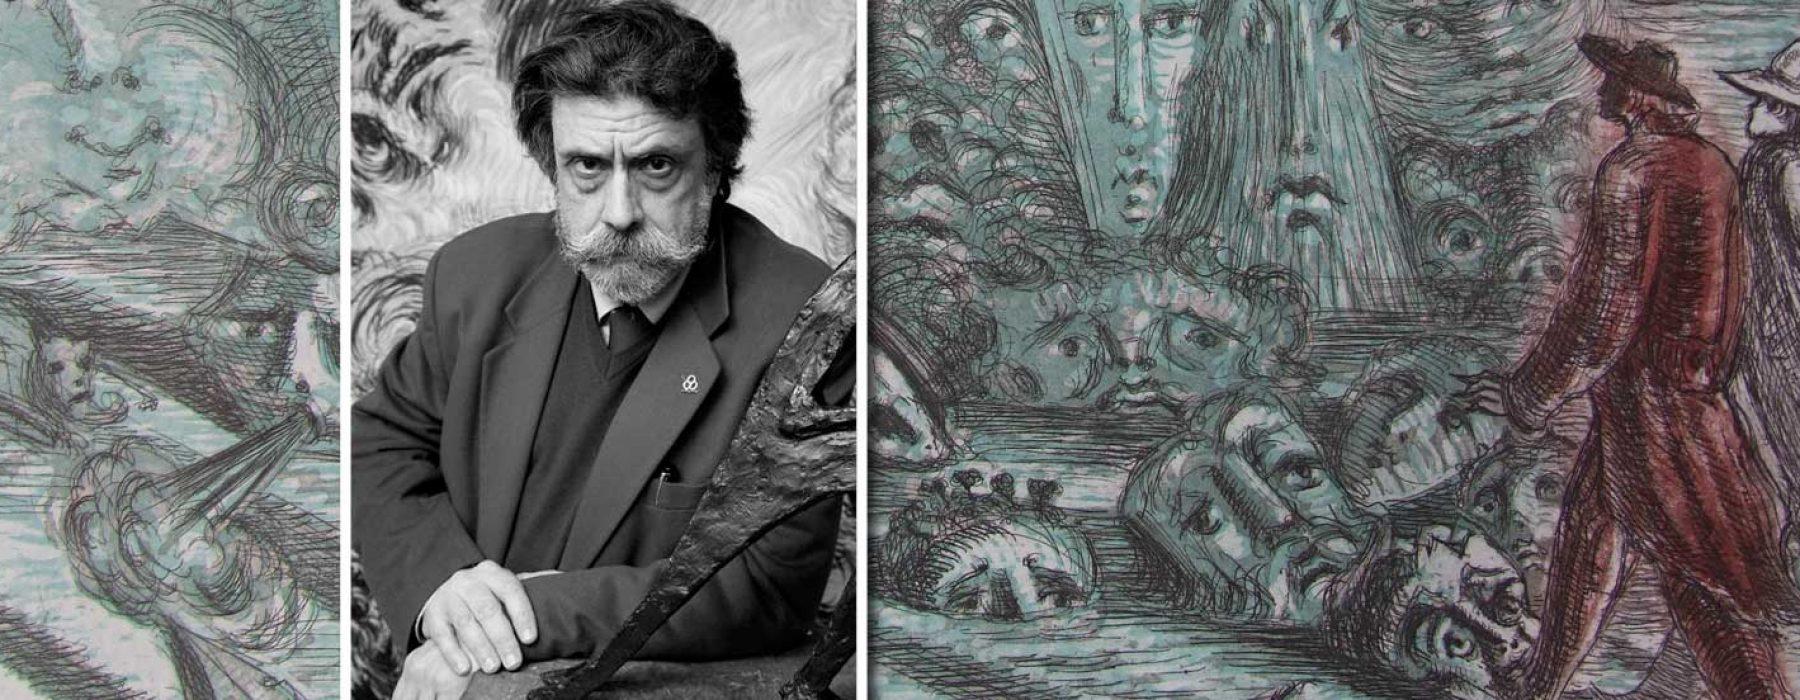 Сущность итальянского искусства и культуры в мастерстве